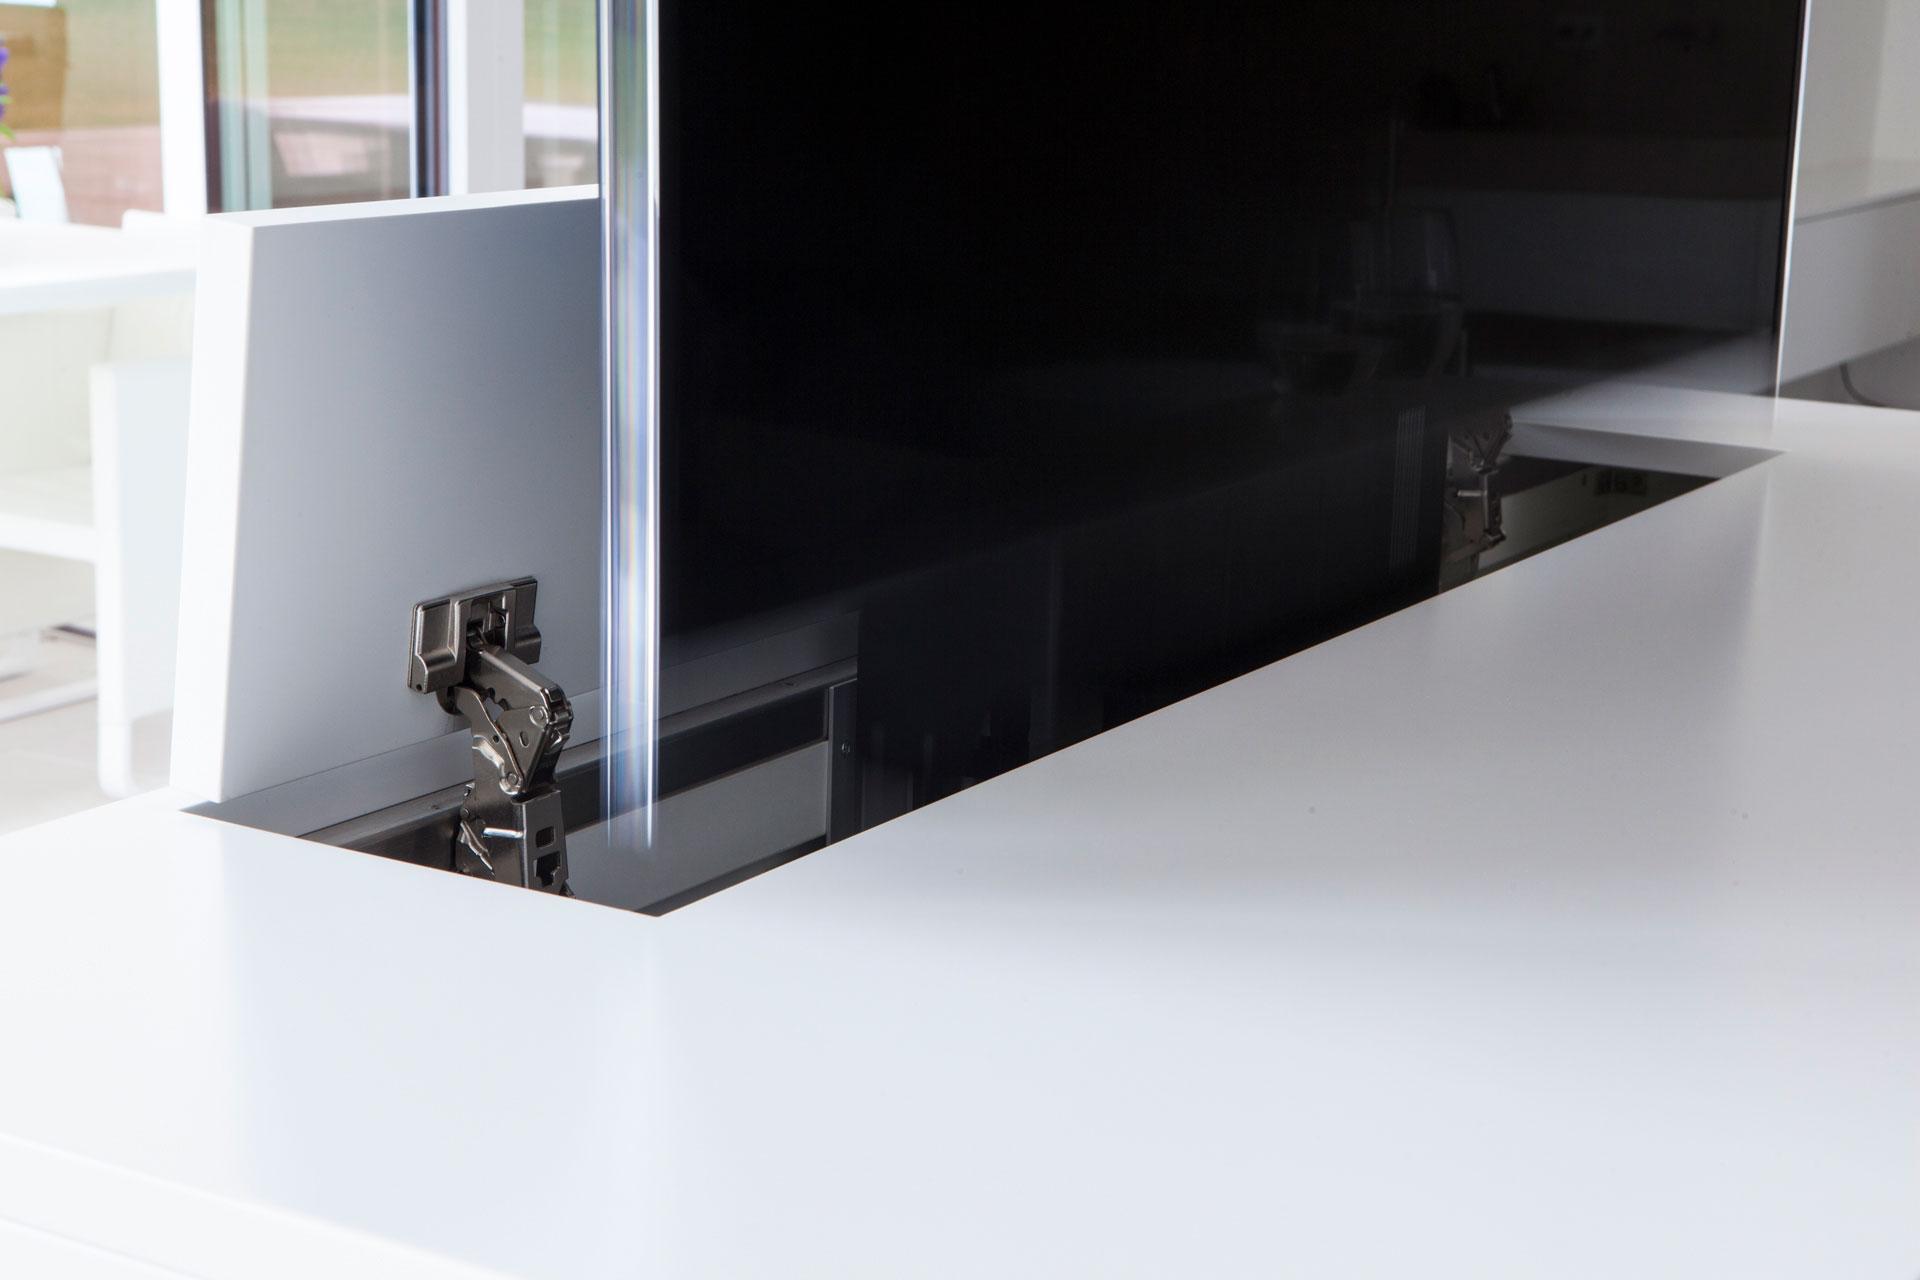 Schreiner Schrank tv schrank mit soundsystem dekoration ideen